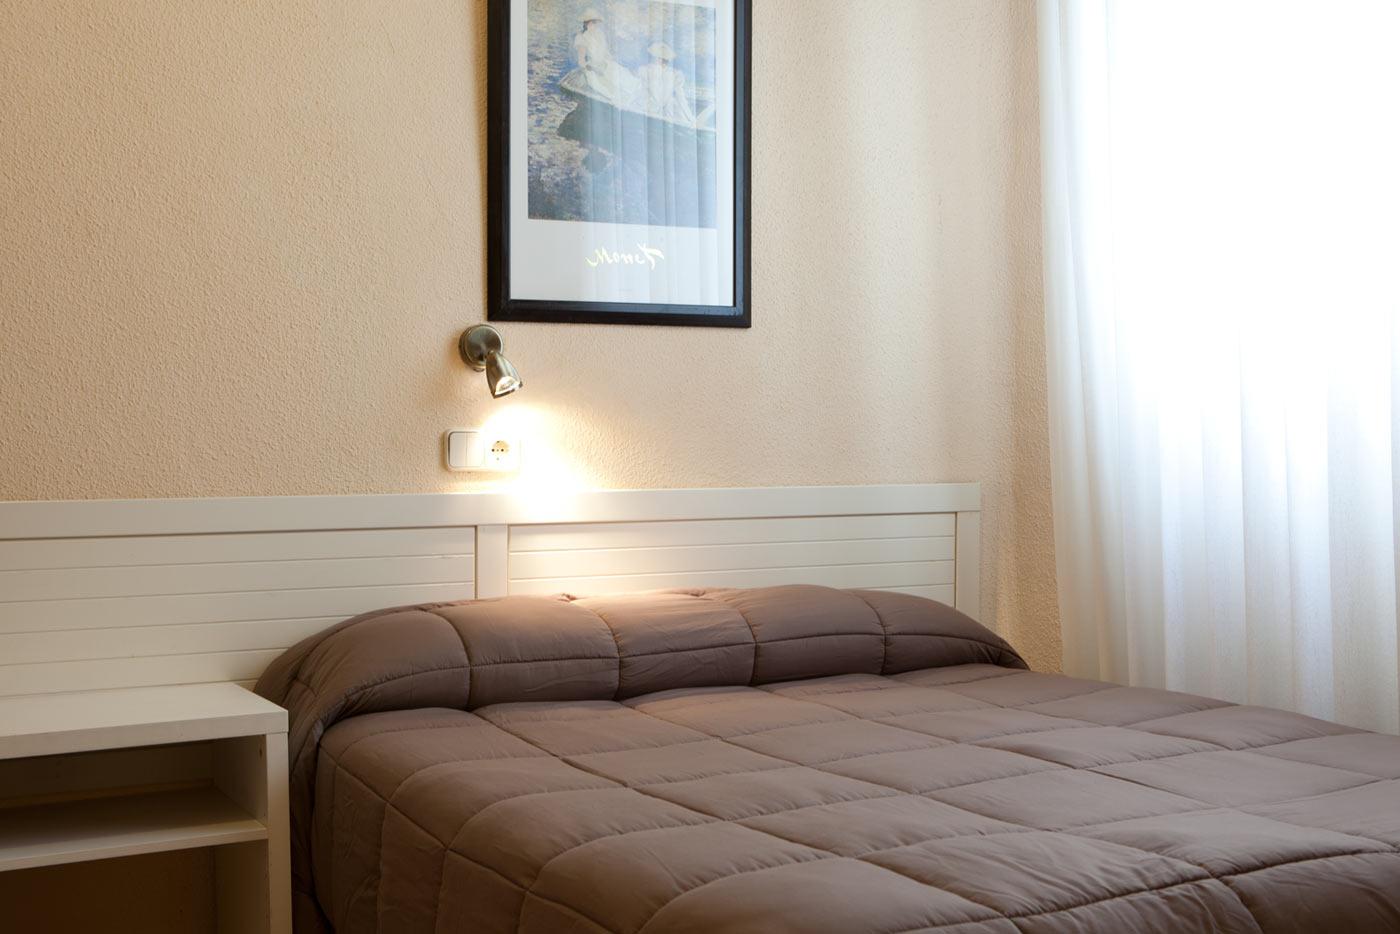 habitaciones_galeria_individual03